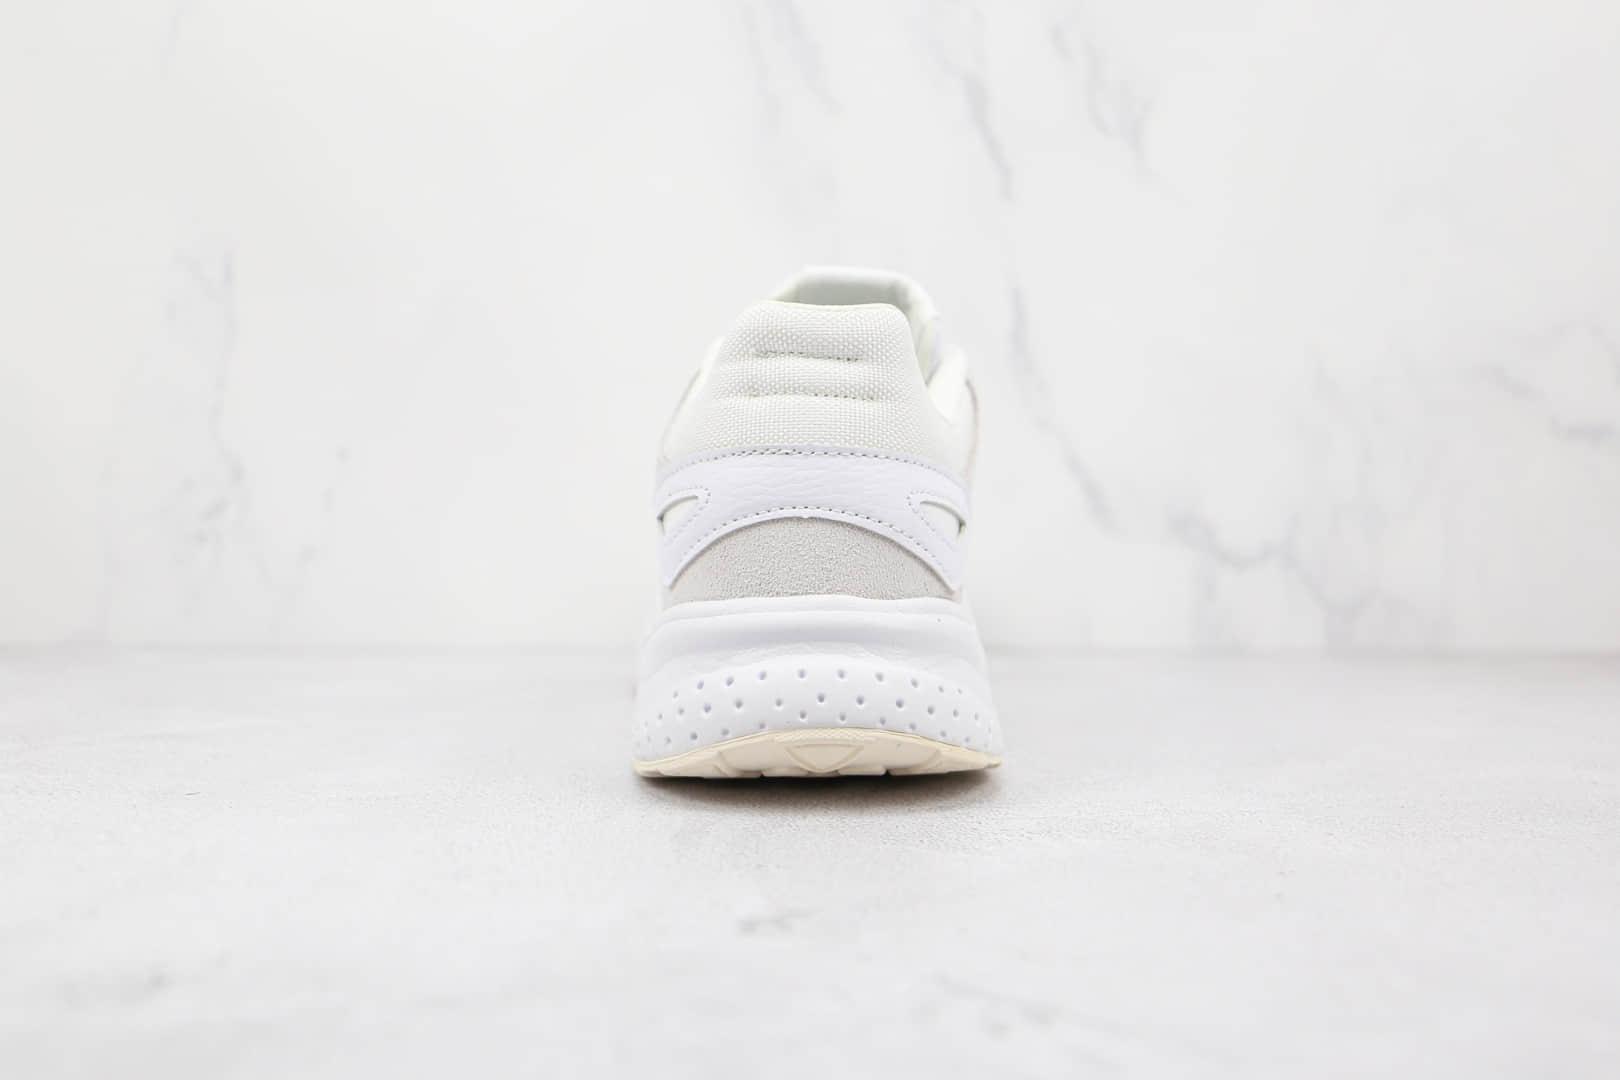 阿迪达斯adidas NEO Crazychaos Shadow纯原版本疯狂混沌影子系列NEO复古老爹鞋原盒原标 货号:FW3373